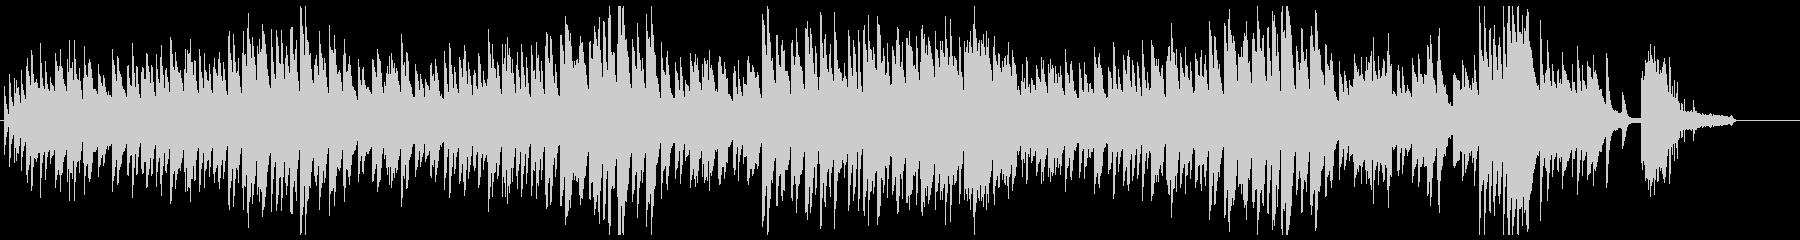 ピアノよるメロディアスで切ないワルツの未再生の波形